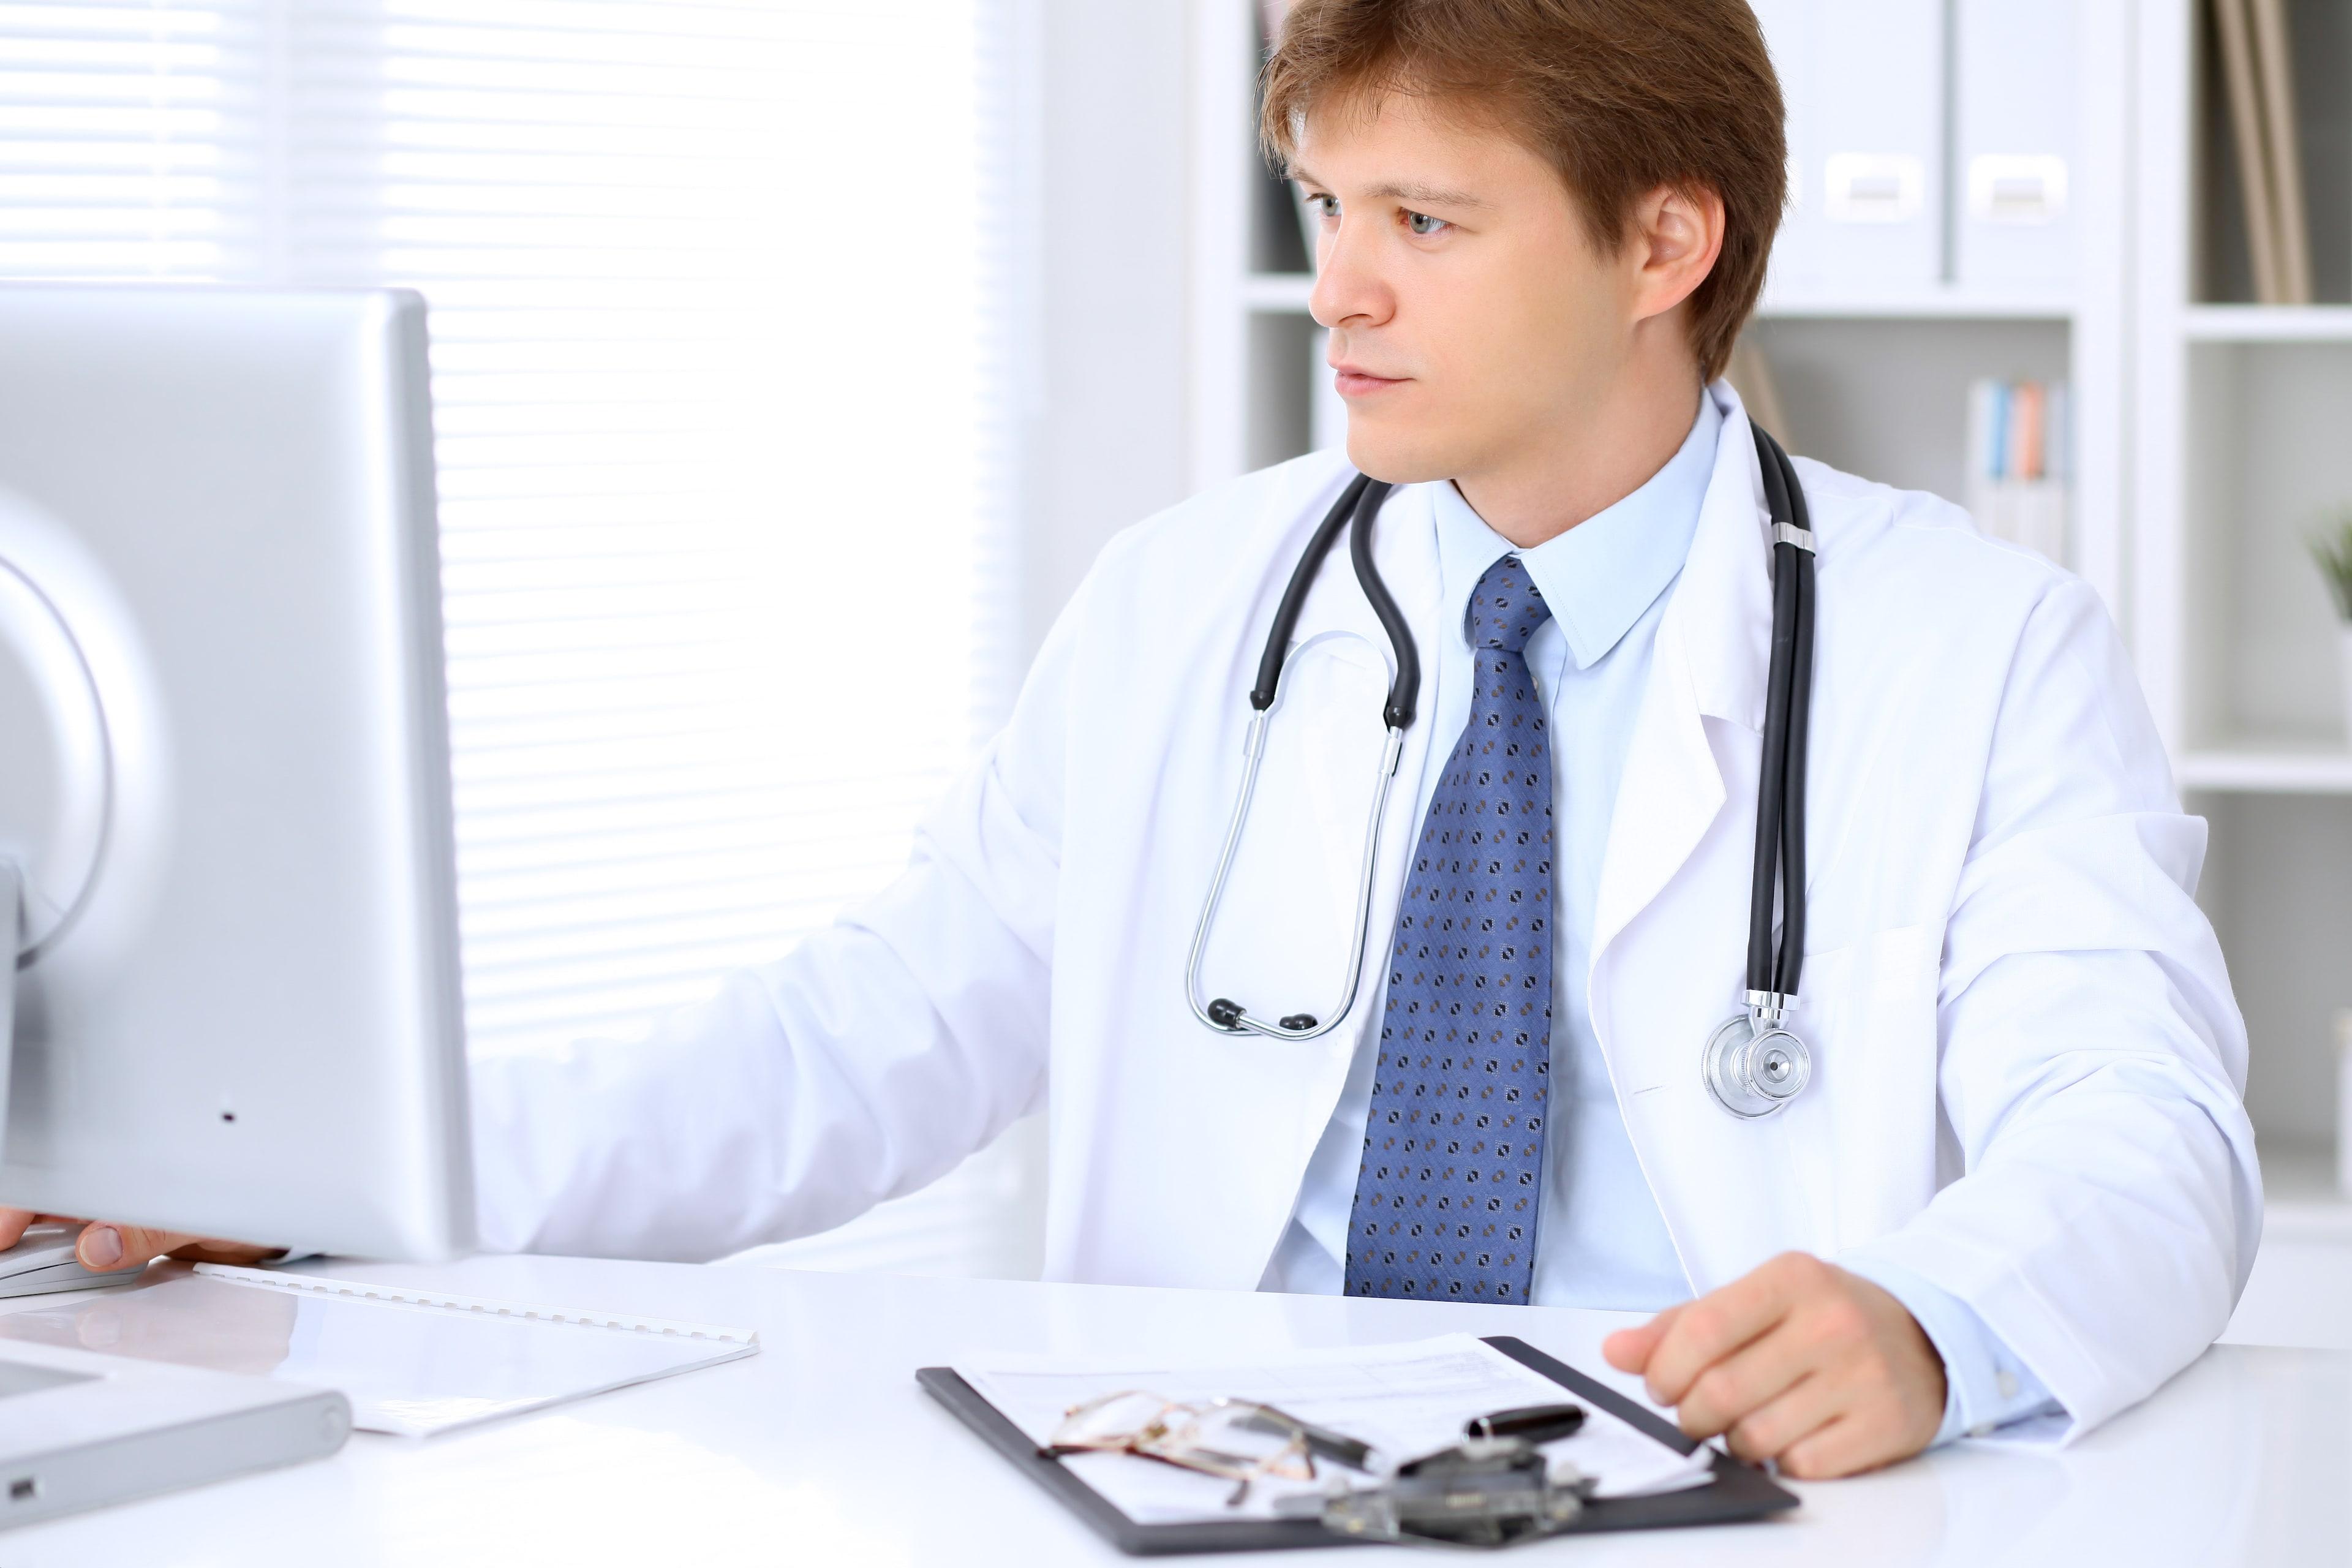 Анализ кала на энтеробиоз: как подготовиться и сдавать